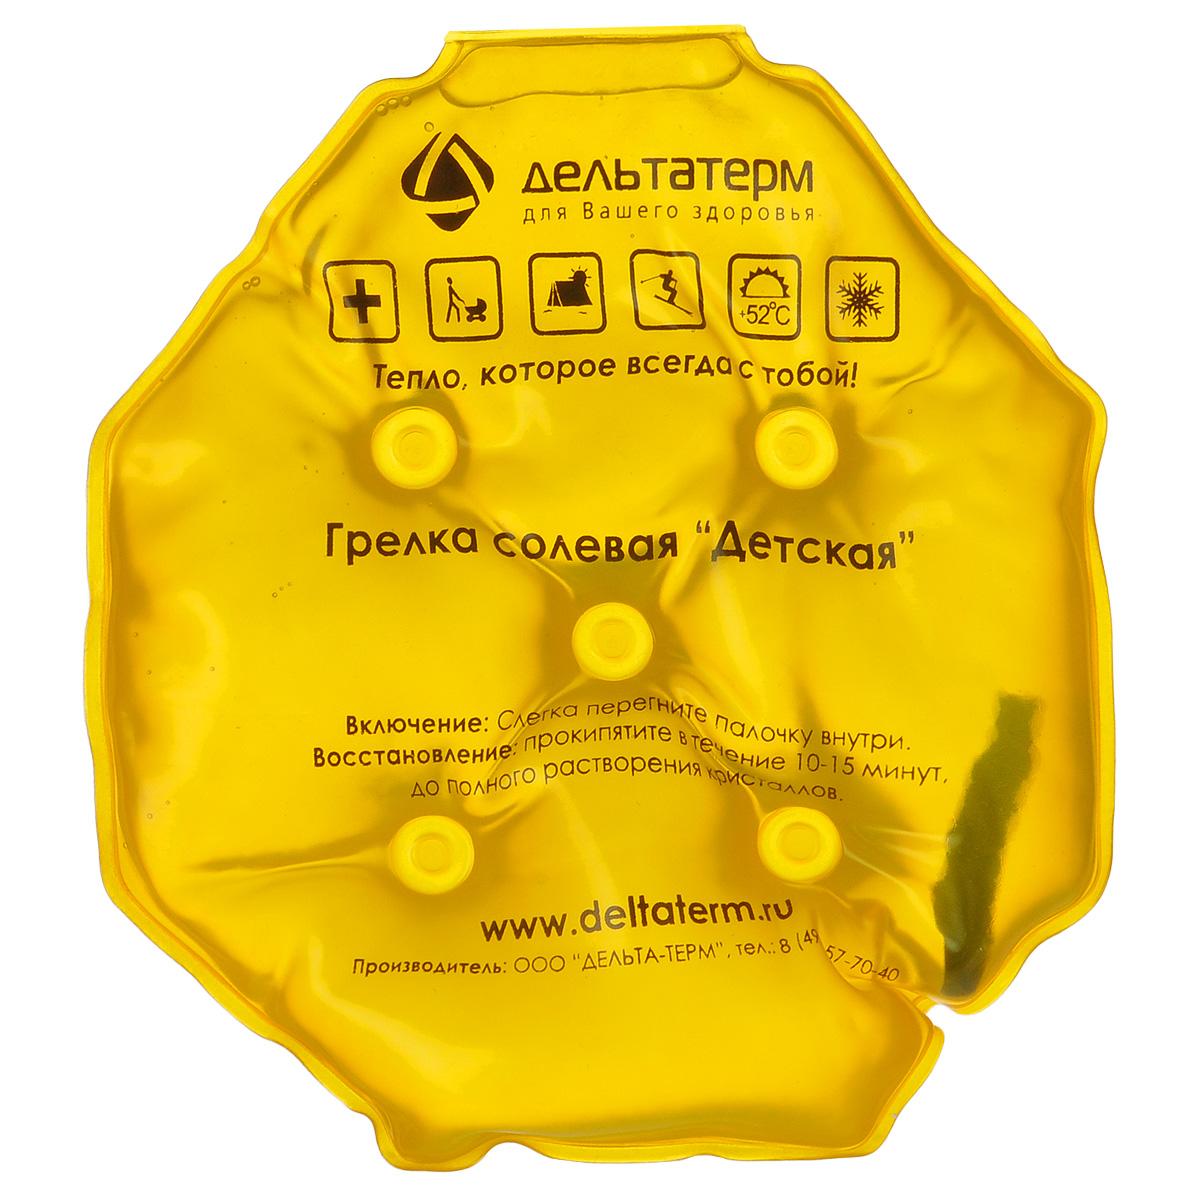 Грелка солевая Дельтатерм Детская, цвет: желтый6042046Грелка солевая Дельтатерм Детская выполнена из очень прочной пленки ПВХ и наполнена раствором соли. В растворе плавает палочка-пускатель, которую достаточно слегка перегнуть и моментально начинается процесс кристаллизации соли с выделением тепла до температуры +52°C. Солевая грелка - это замечательное физиотерапевтическое средство. Солевая грелка глубоко прогреет область уха, горла или носа, суставов. При этом она абсолютно безопасна! Температура нагрева до +52°С рекомендована врачами, как оптимальная для физиотерапевтических процедур, и исключает возможность ожога или перегрева.Преимущества грелки:Работает совершенно автономно.Многоразовое применение.Долго сохраняет тепло или холод.2 в 1, теплый и холодный компрессИсключает ожог или перегревГигиенична в применении.Безопасна для людей и животных.Материал: ПВХ, солевой раствор.